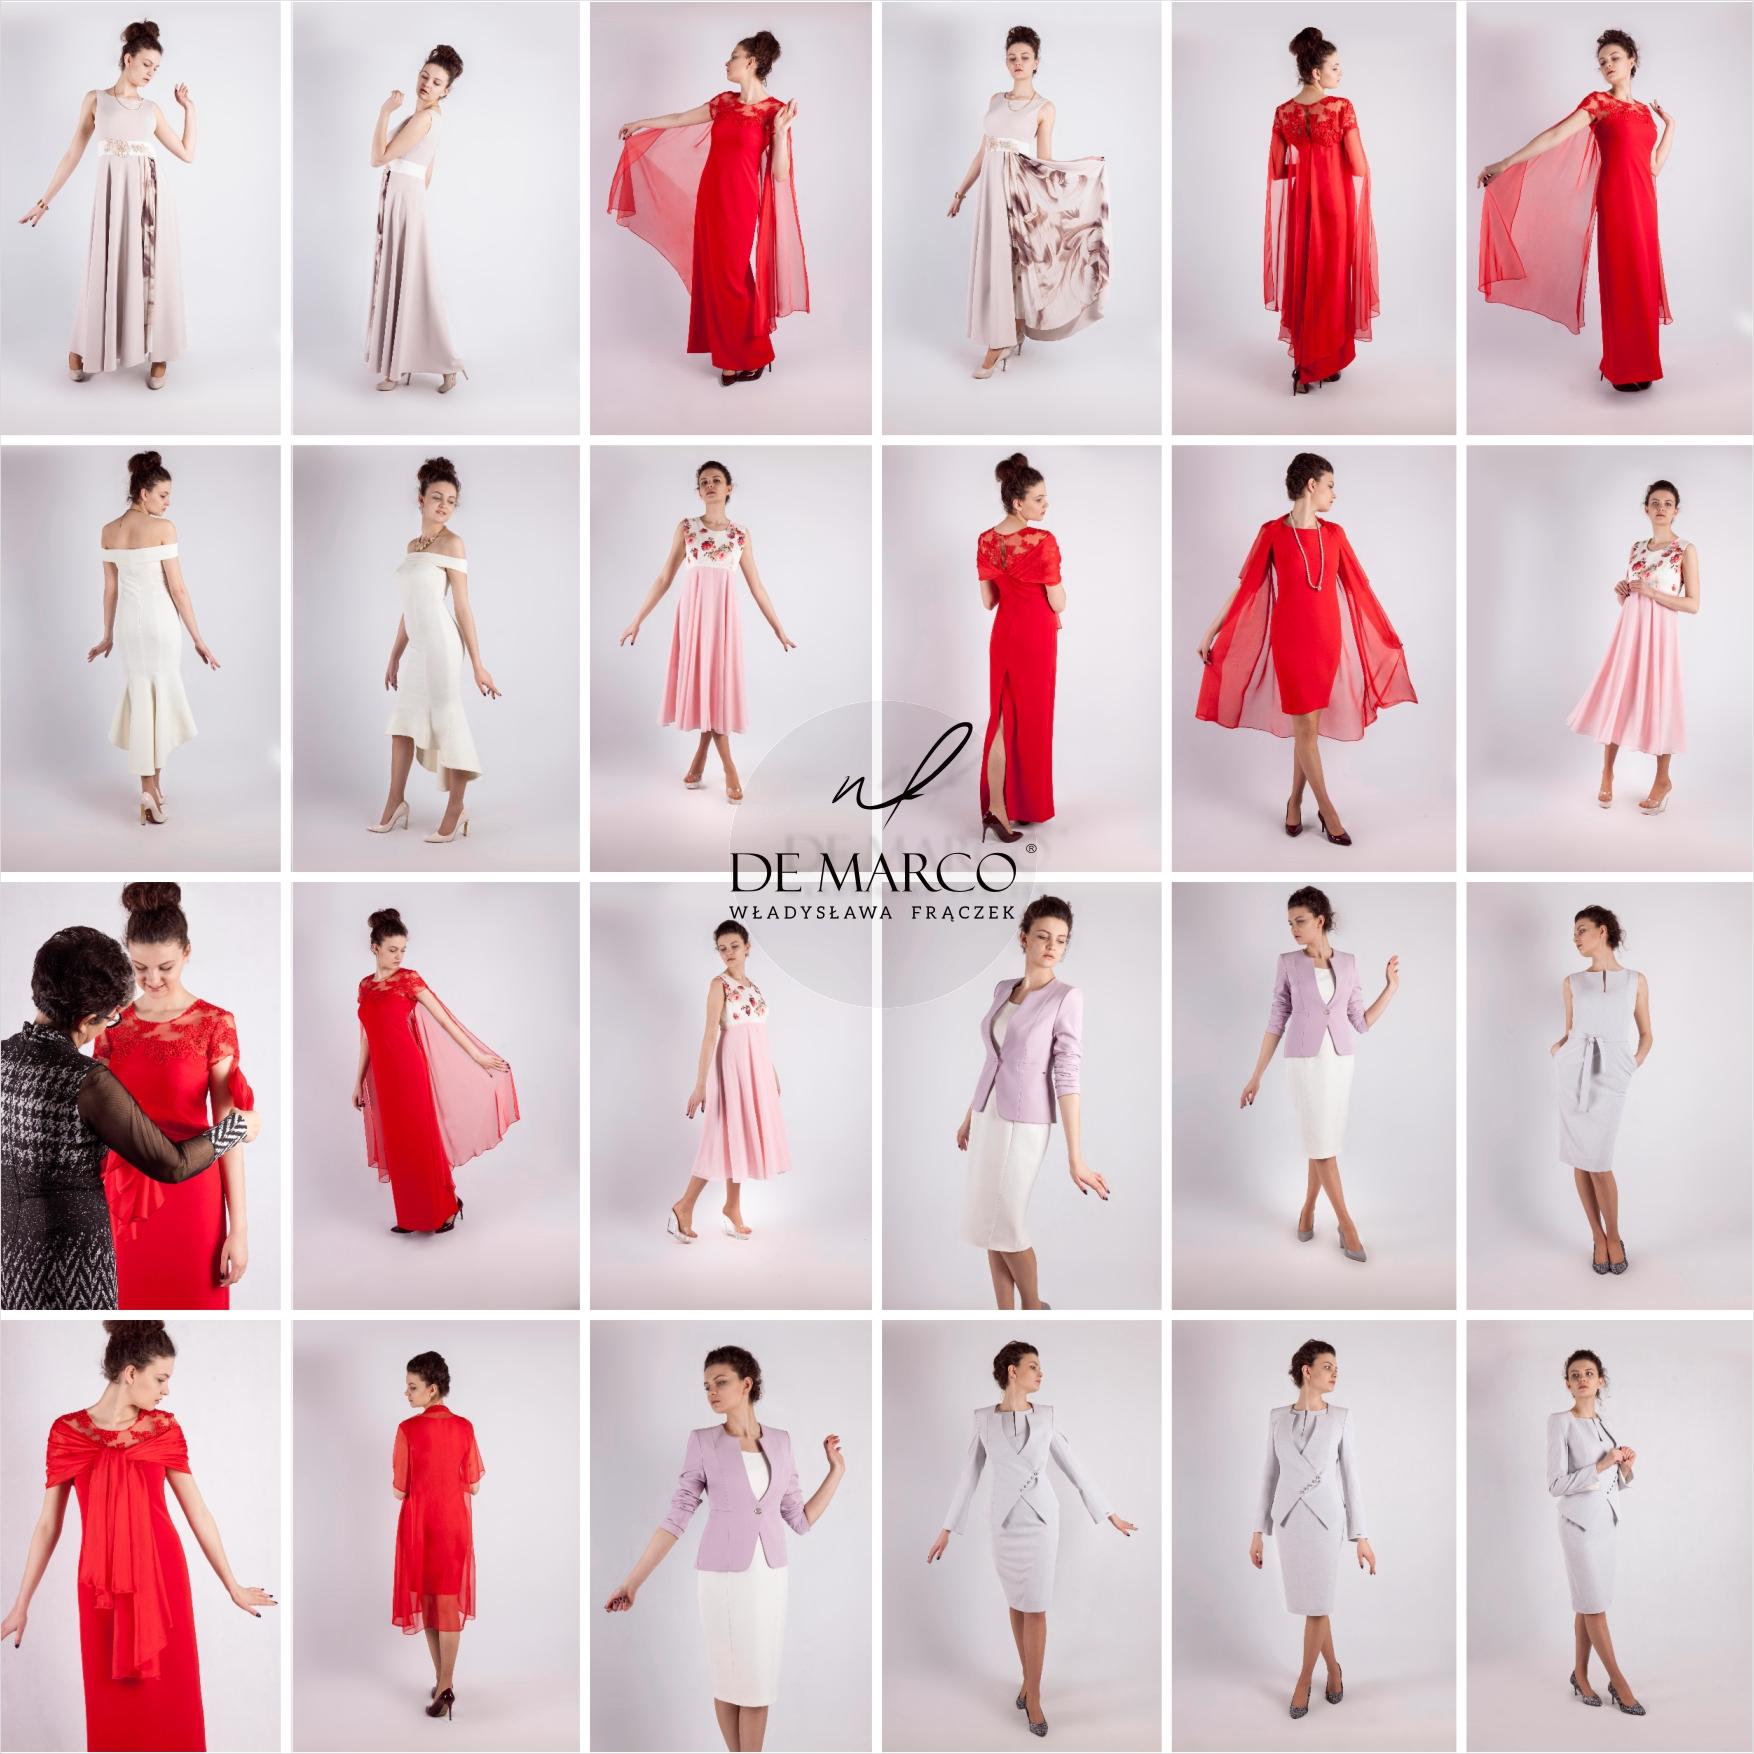 Sukienki na wesele, suknie ślubne, damskie garnitury wizytowe, garsonki damskie, kreacje balowe, wizytowe i bankietowe od projektanta. Sklep internetowy De Marco Frydrychowice